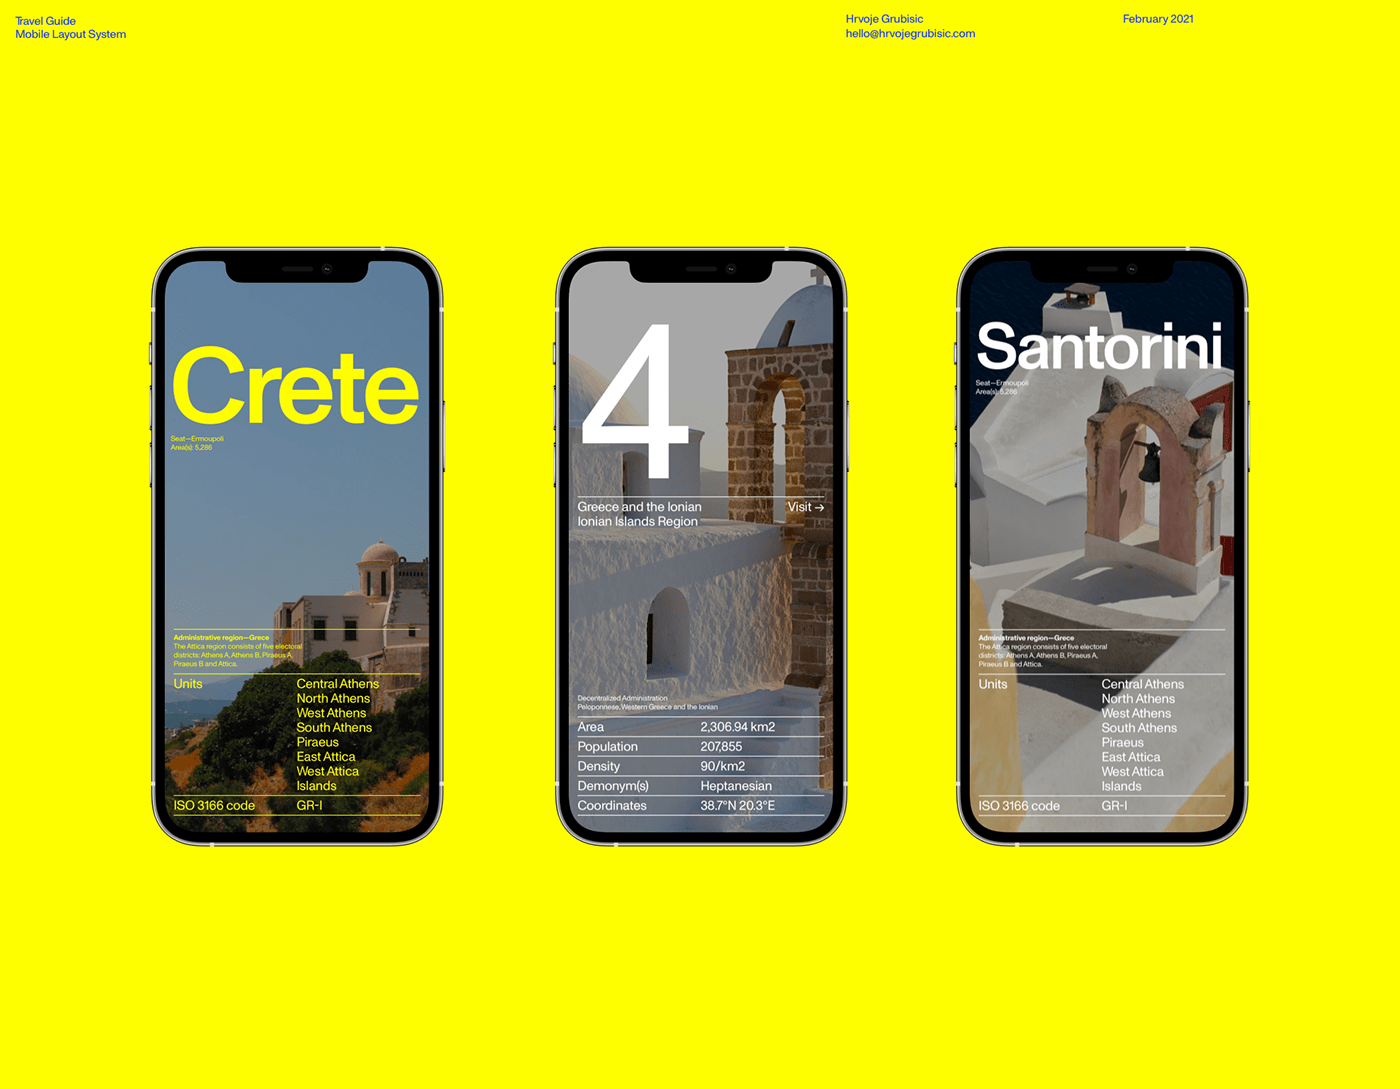 Image may contain: yellow and screenshot